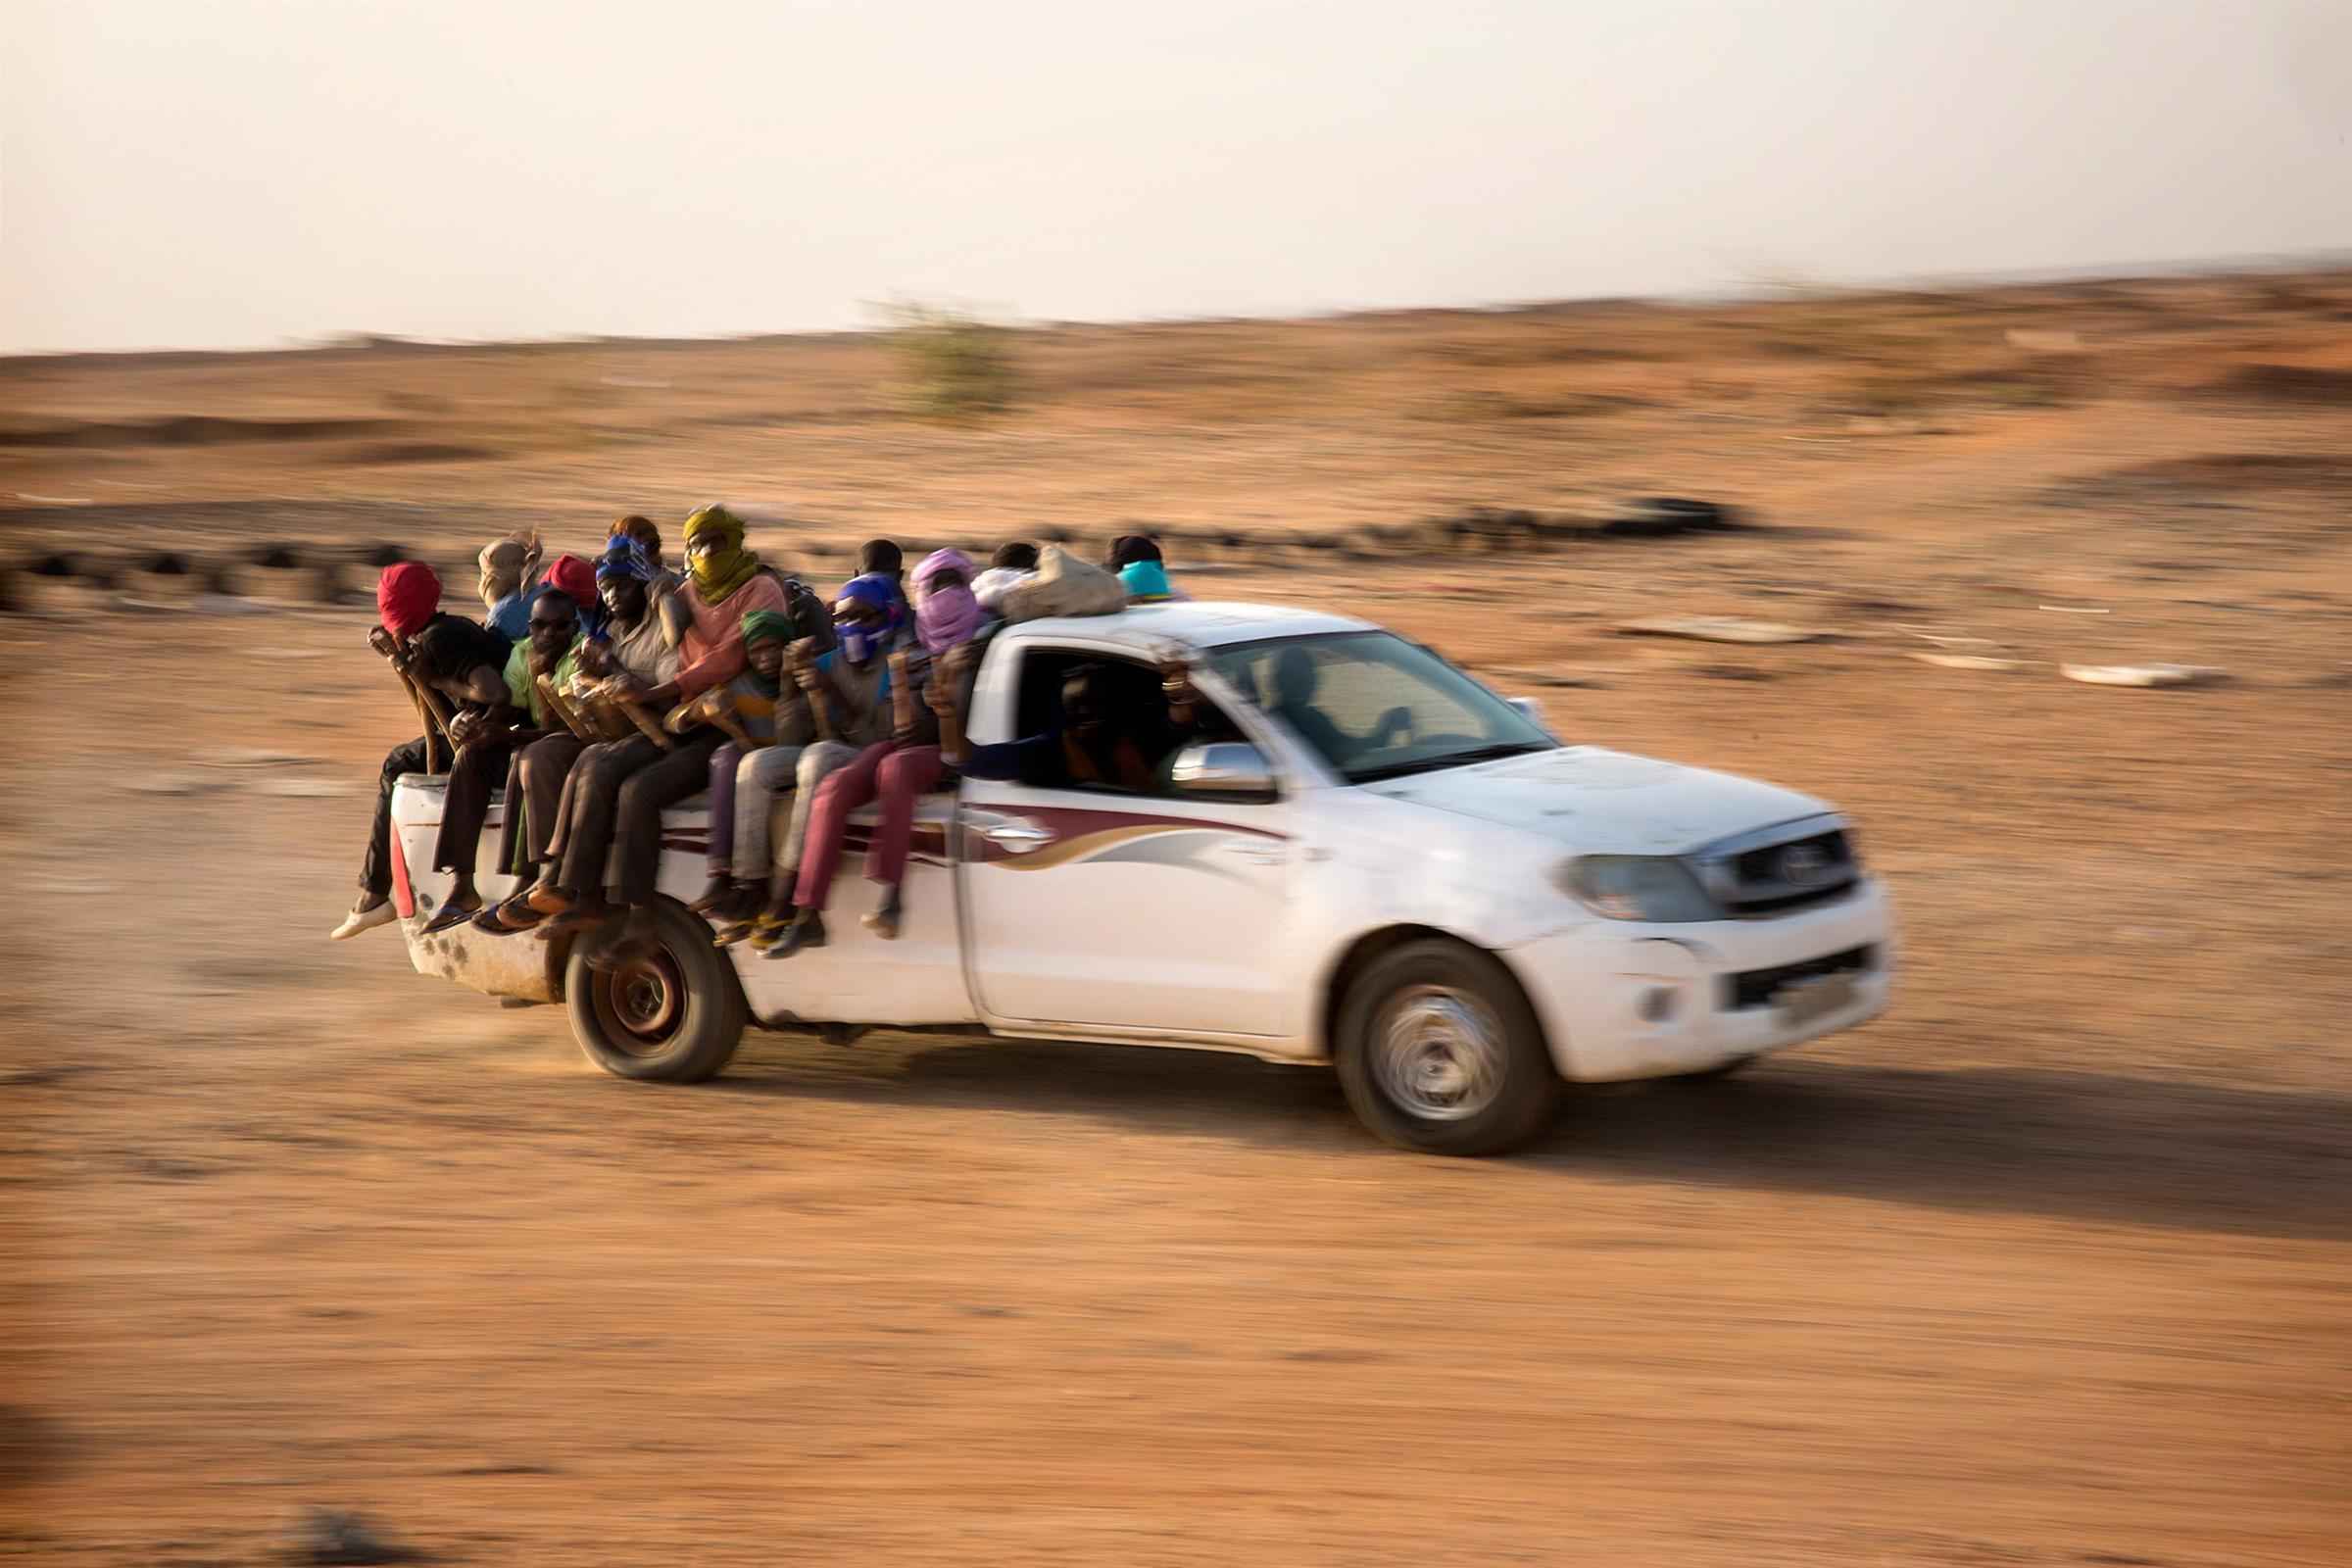 Traficantes en la arena